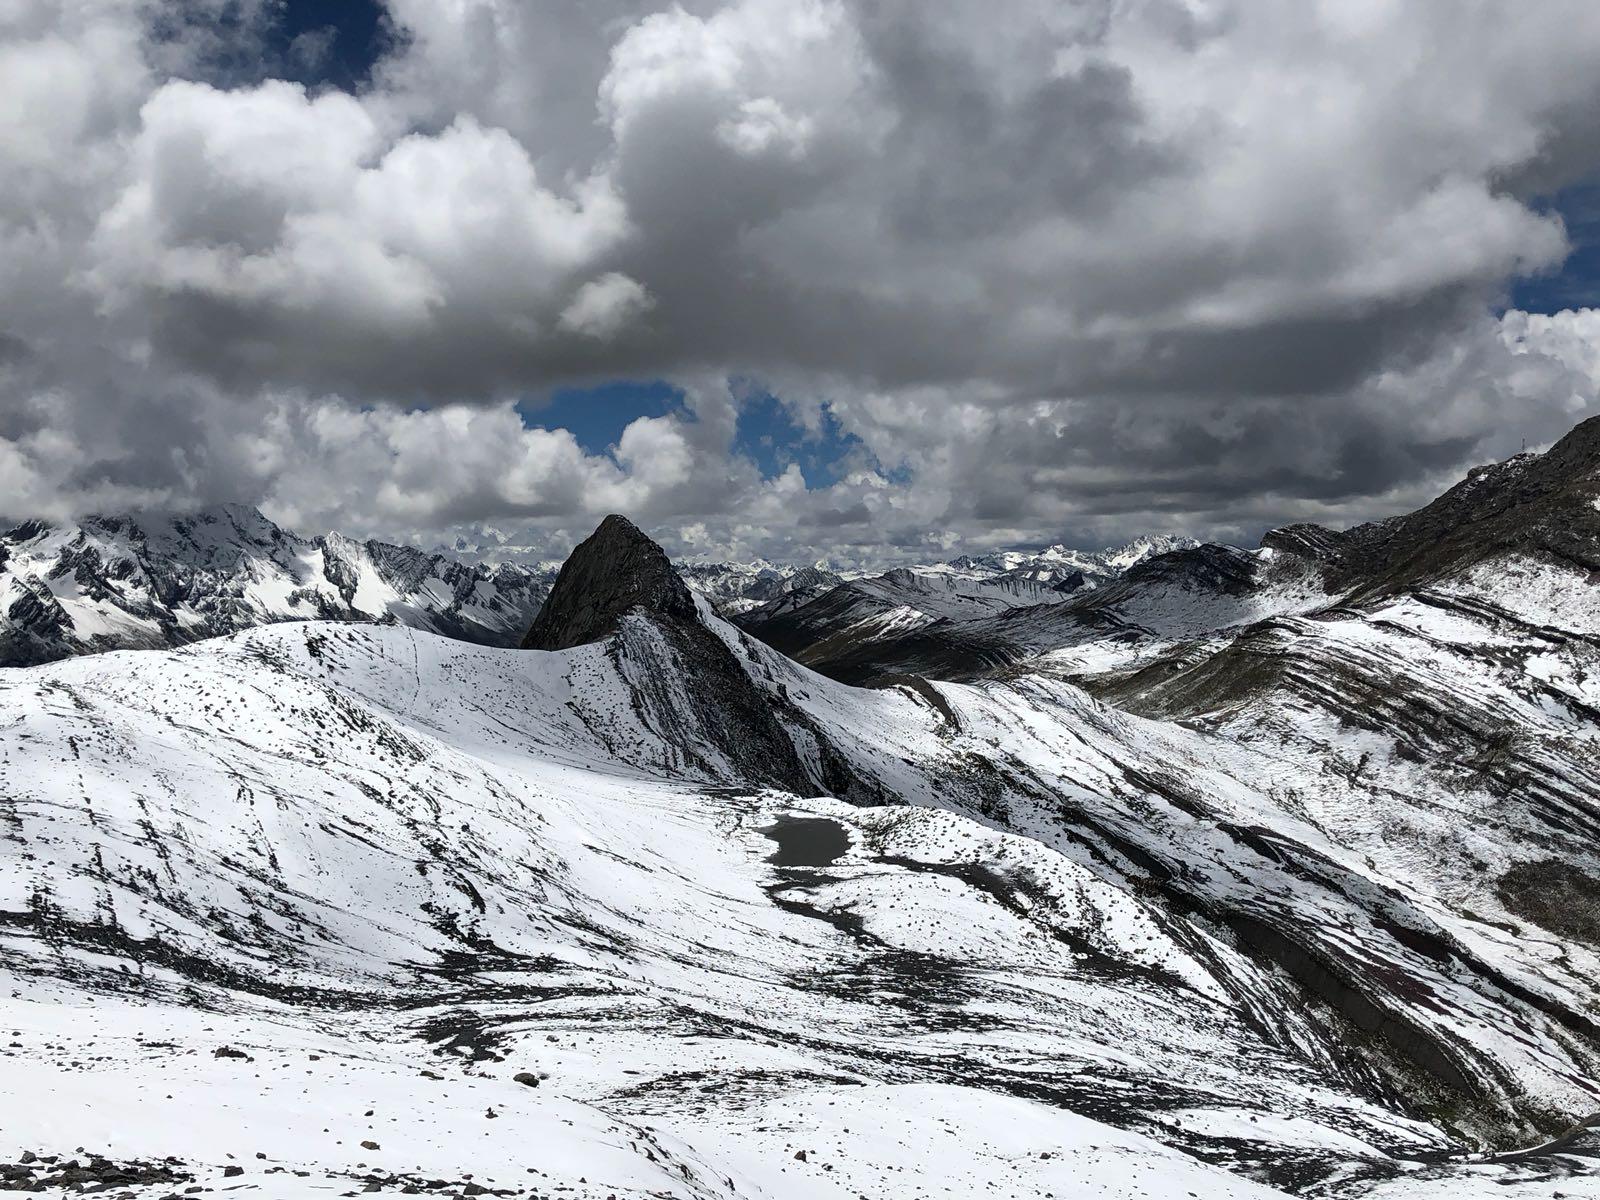 Great Shot of Mountain Range